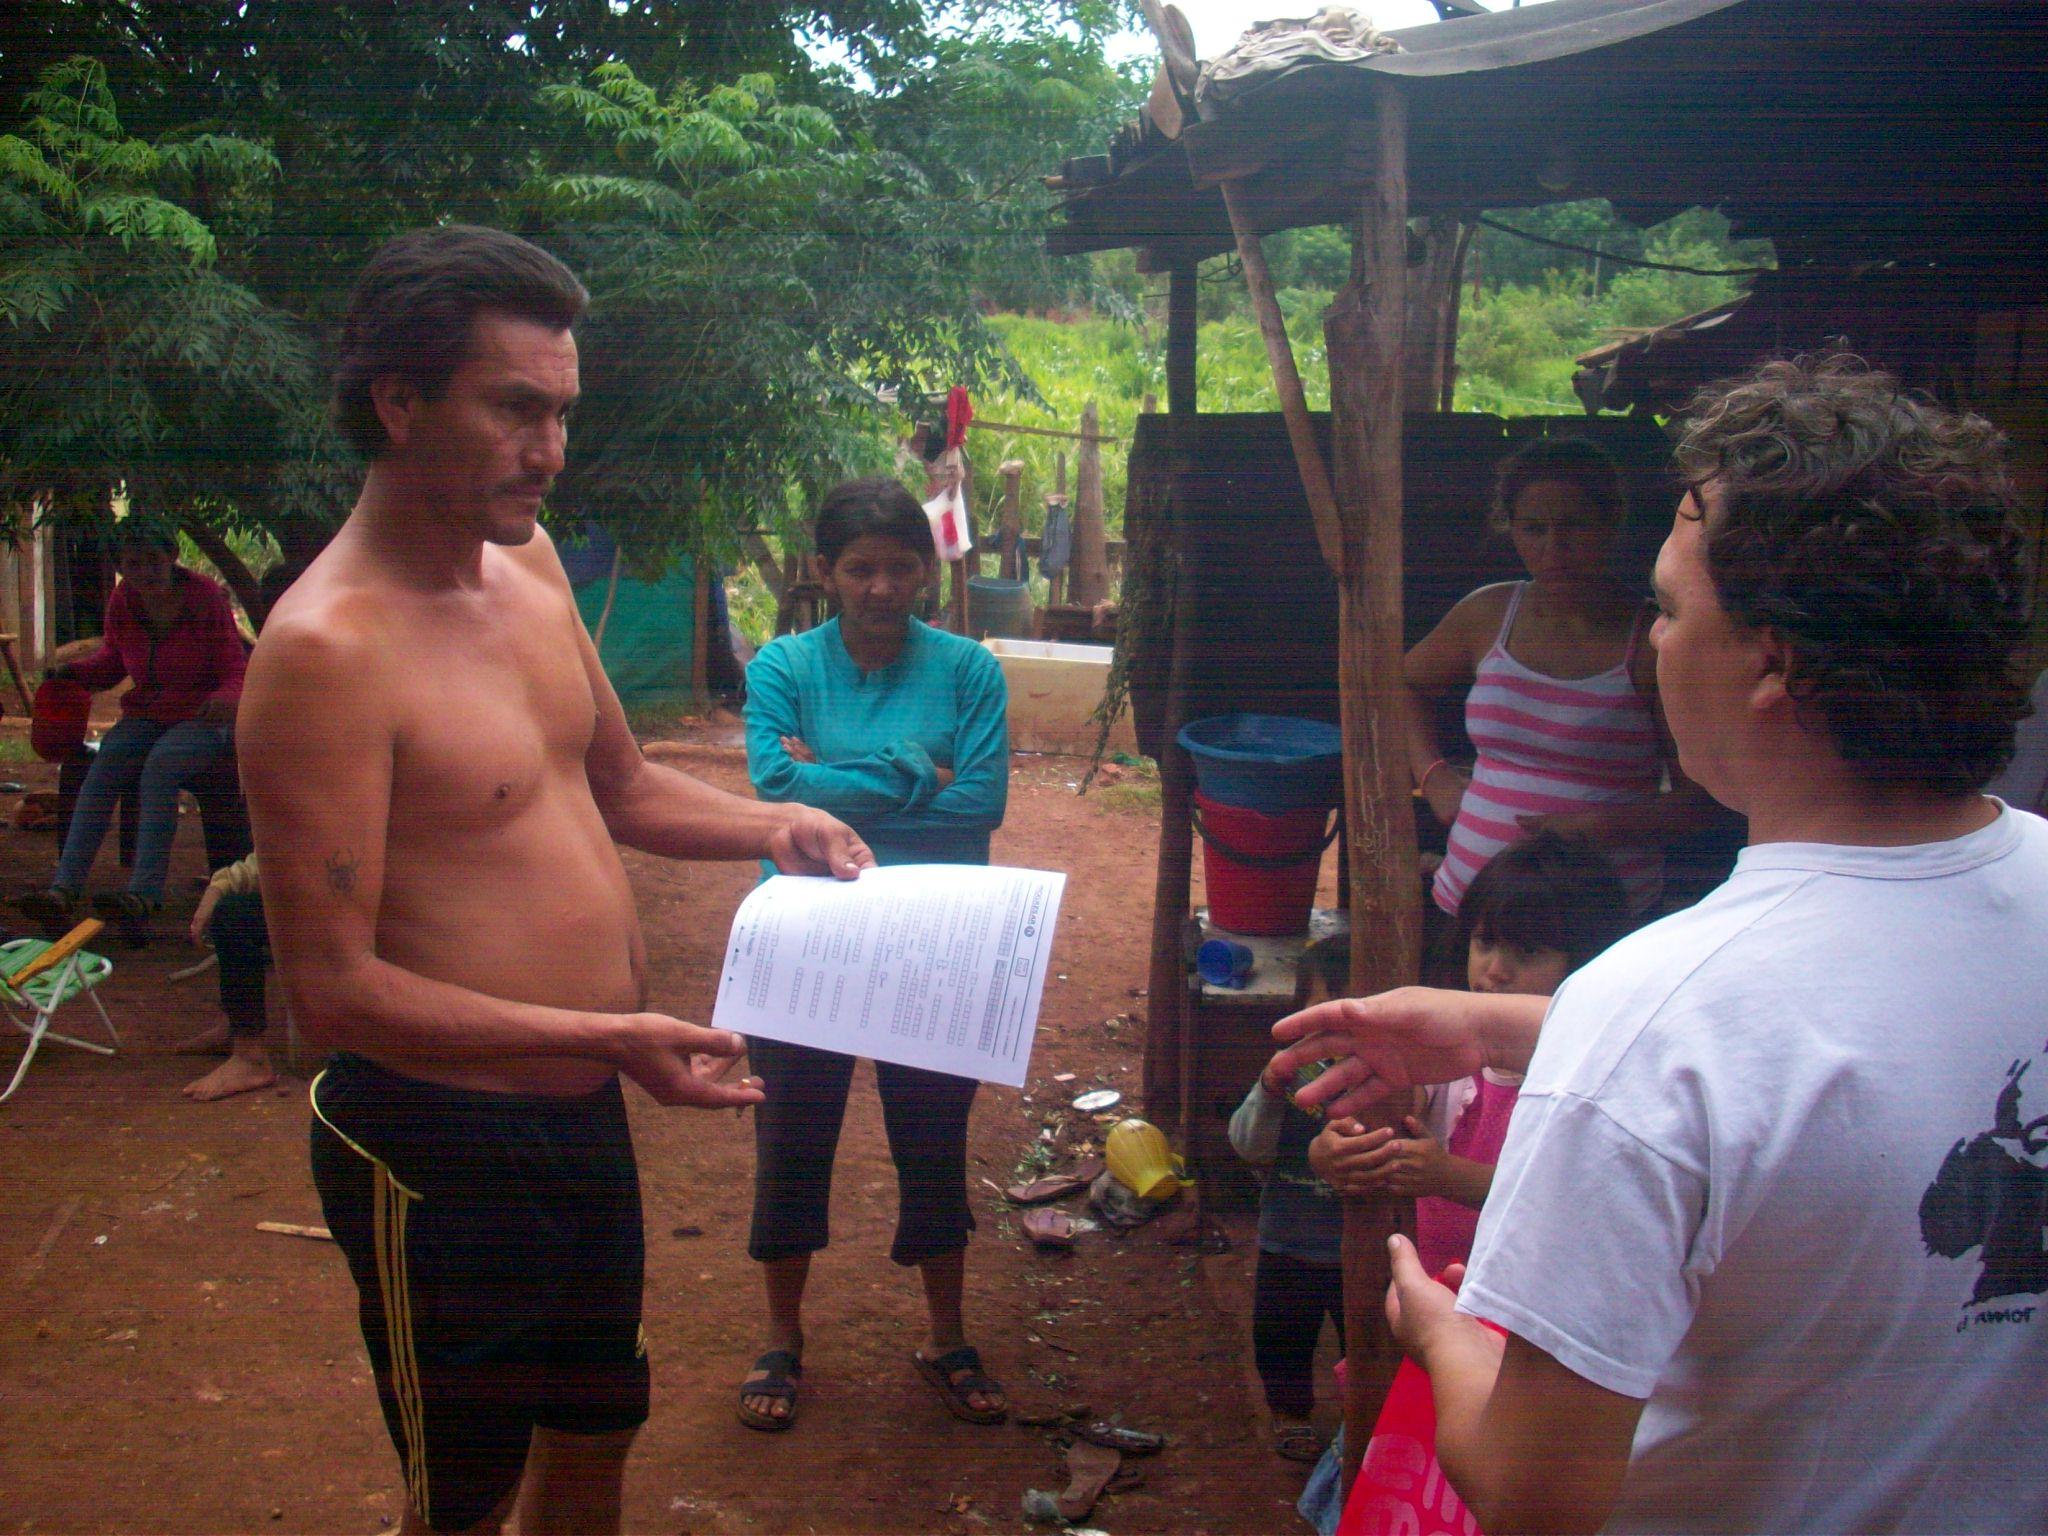 misiones-alem-barriofeltan-progresar-lapatriaeselotro6